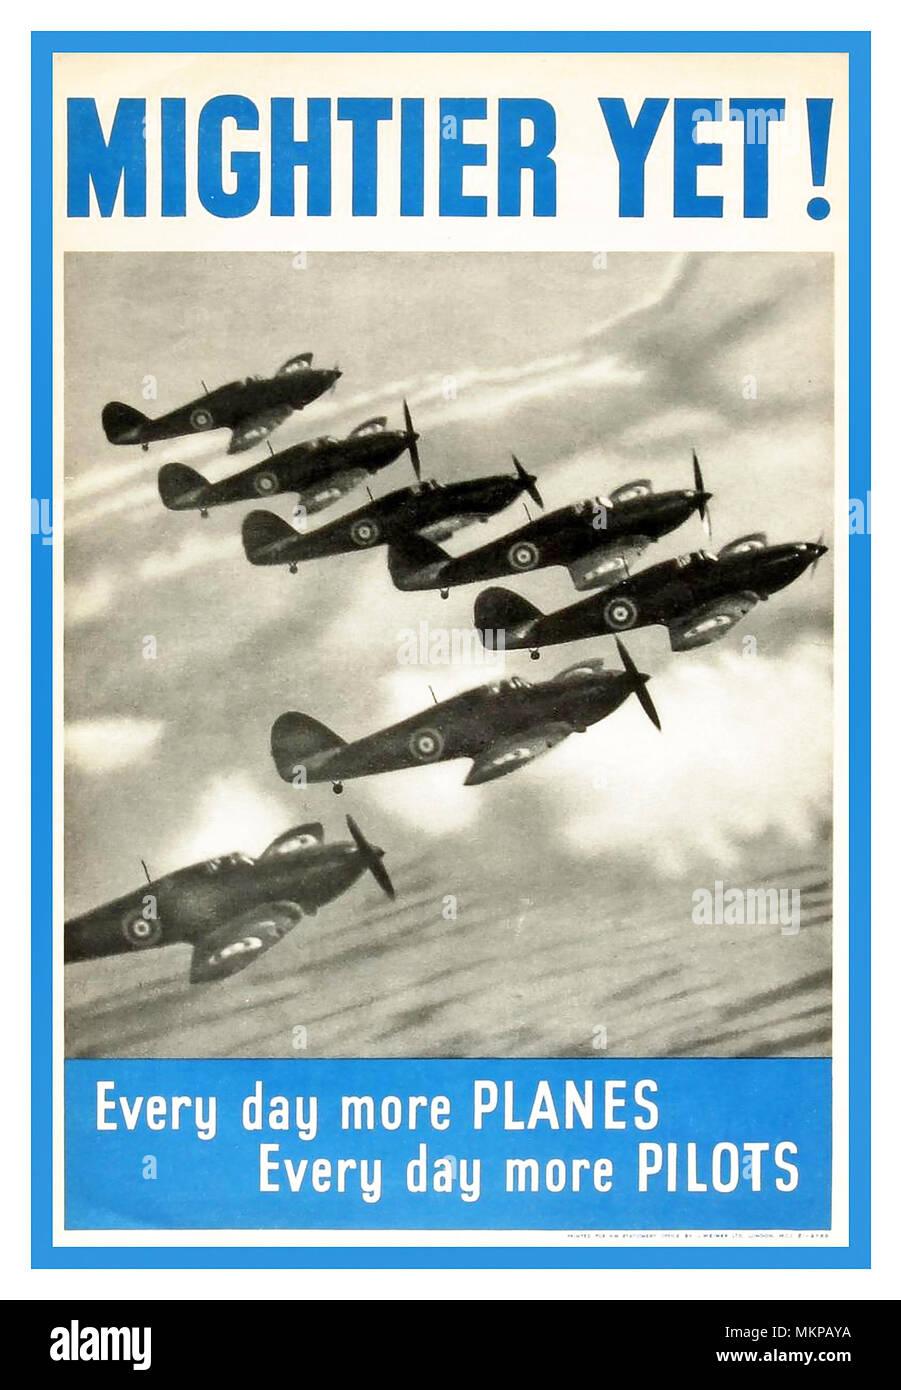 """SPITFIRE POSTER 1940 WW2 RAF britannica poster di propaganda 'Mightier ancora !"""" (titolo da 'Elgar è terra di speranza e gloria) 'ogni giorno più piani' 'ogni giorno di più dei piloti squadriglia di aerei Spitfire featured volare in formazione..la battaglia della Gran Bretagna Immagini Stock"""